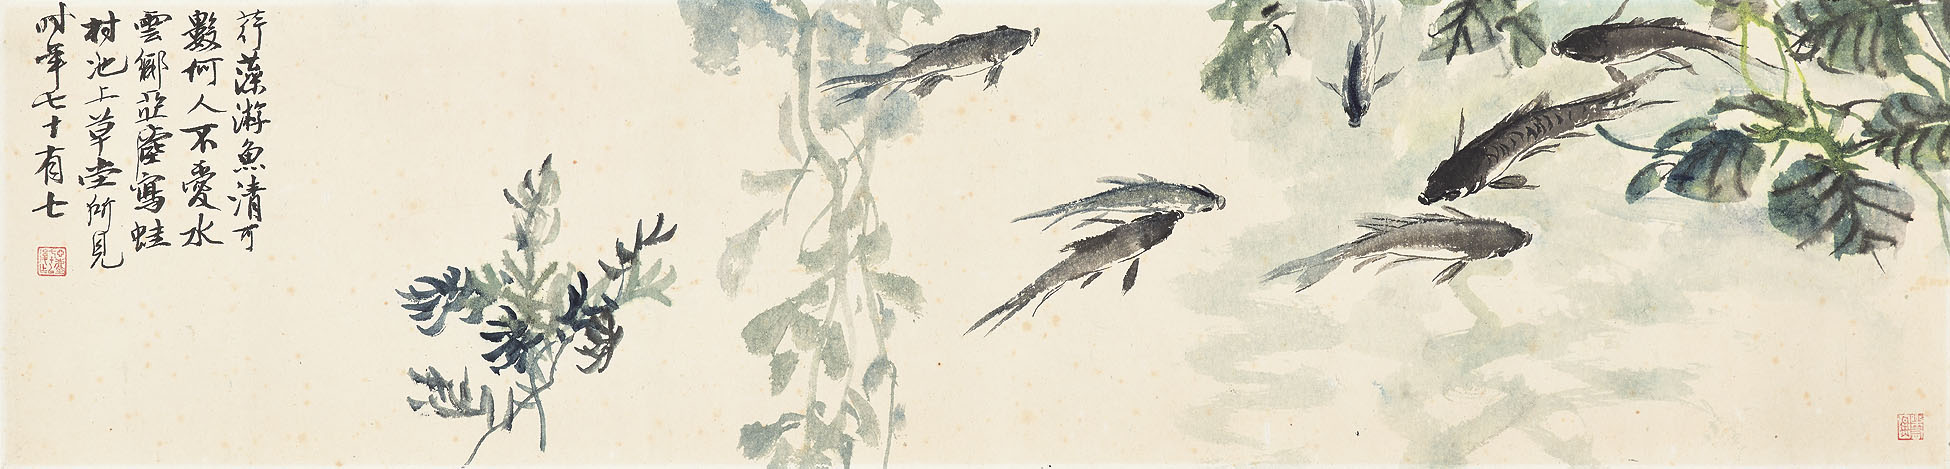 Fish/Shrimp